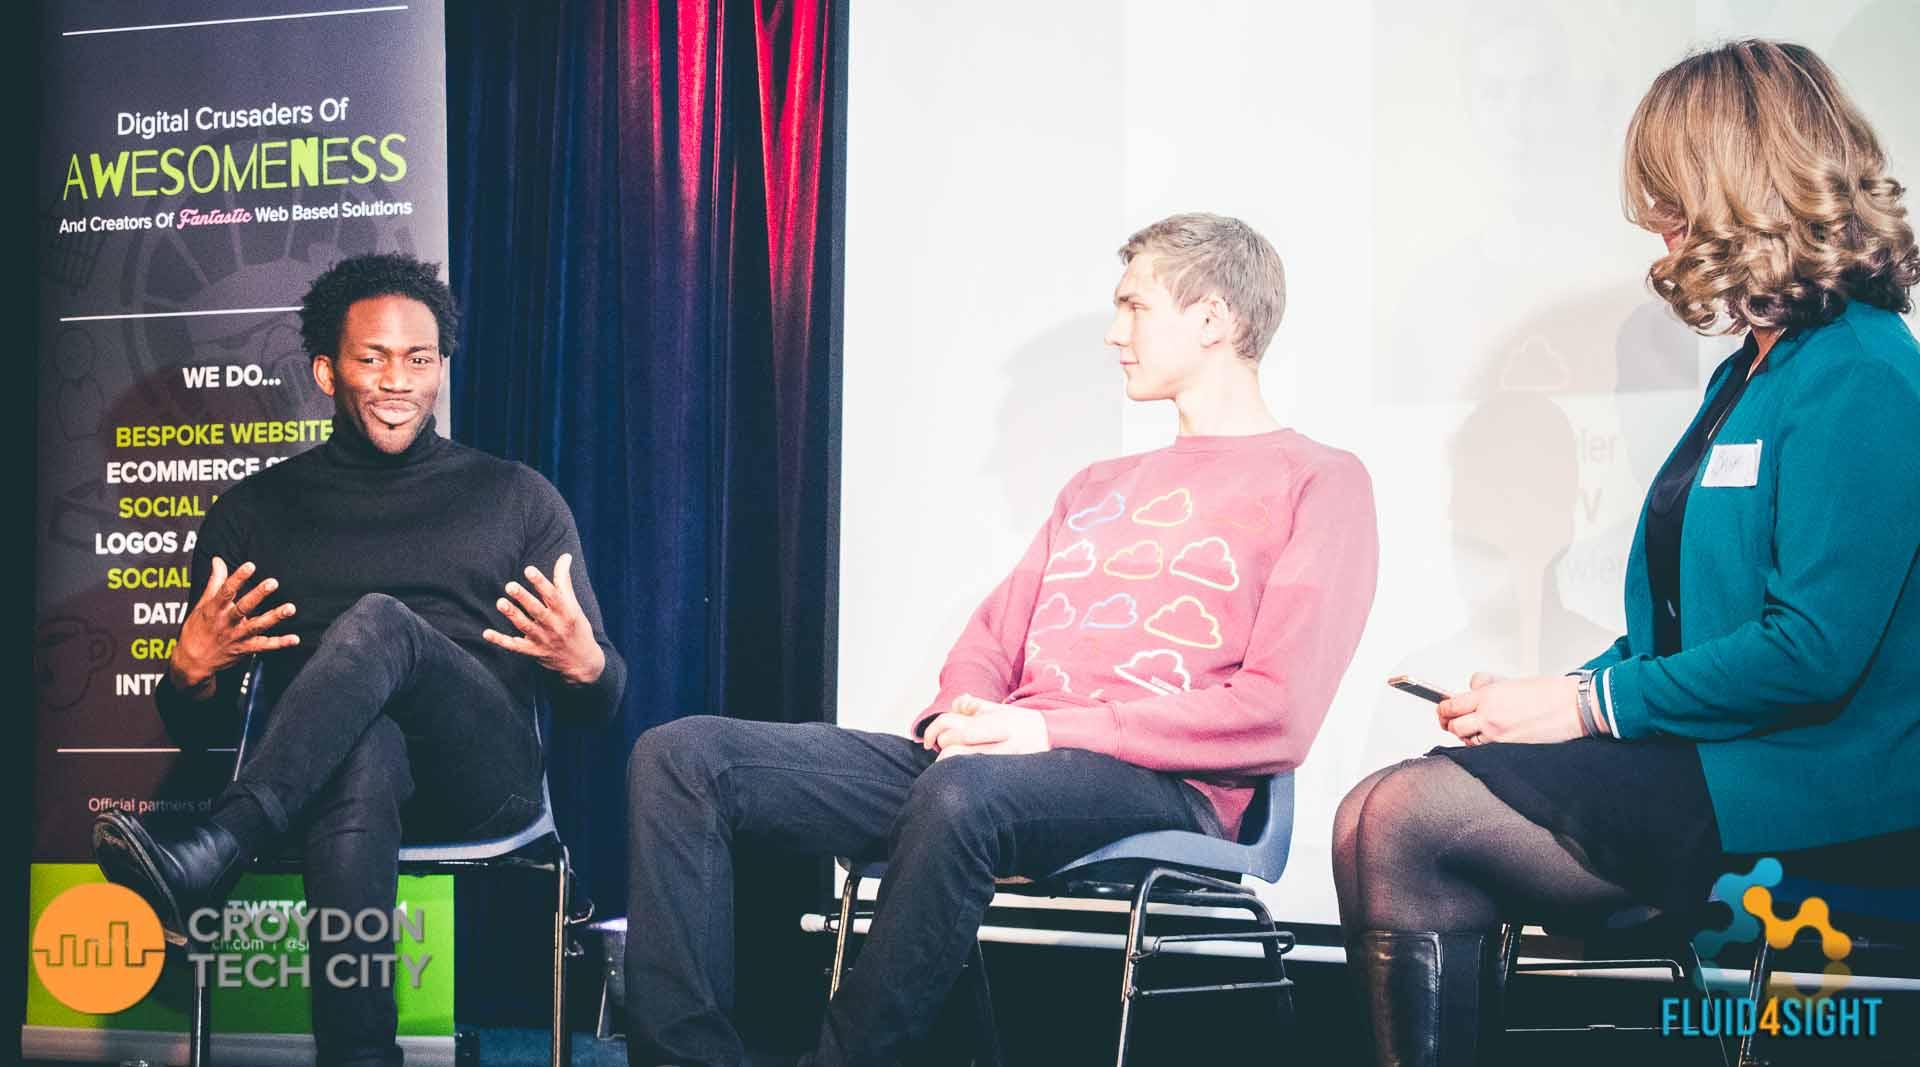 croydon tech city interview Jan 2016